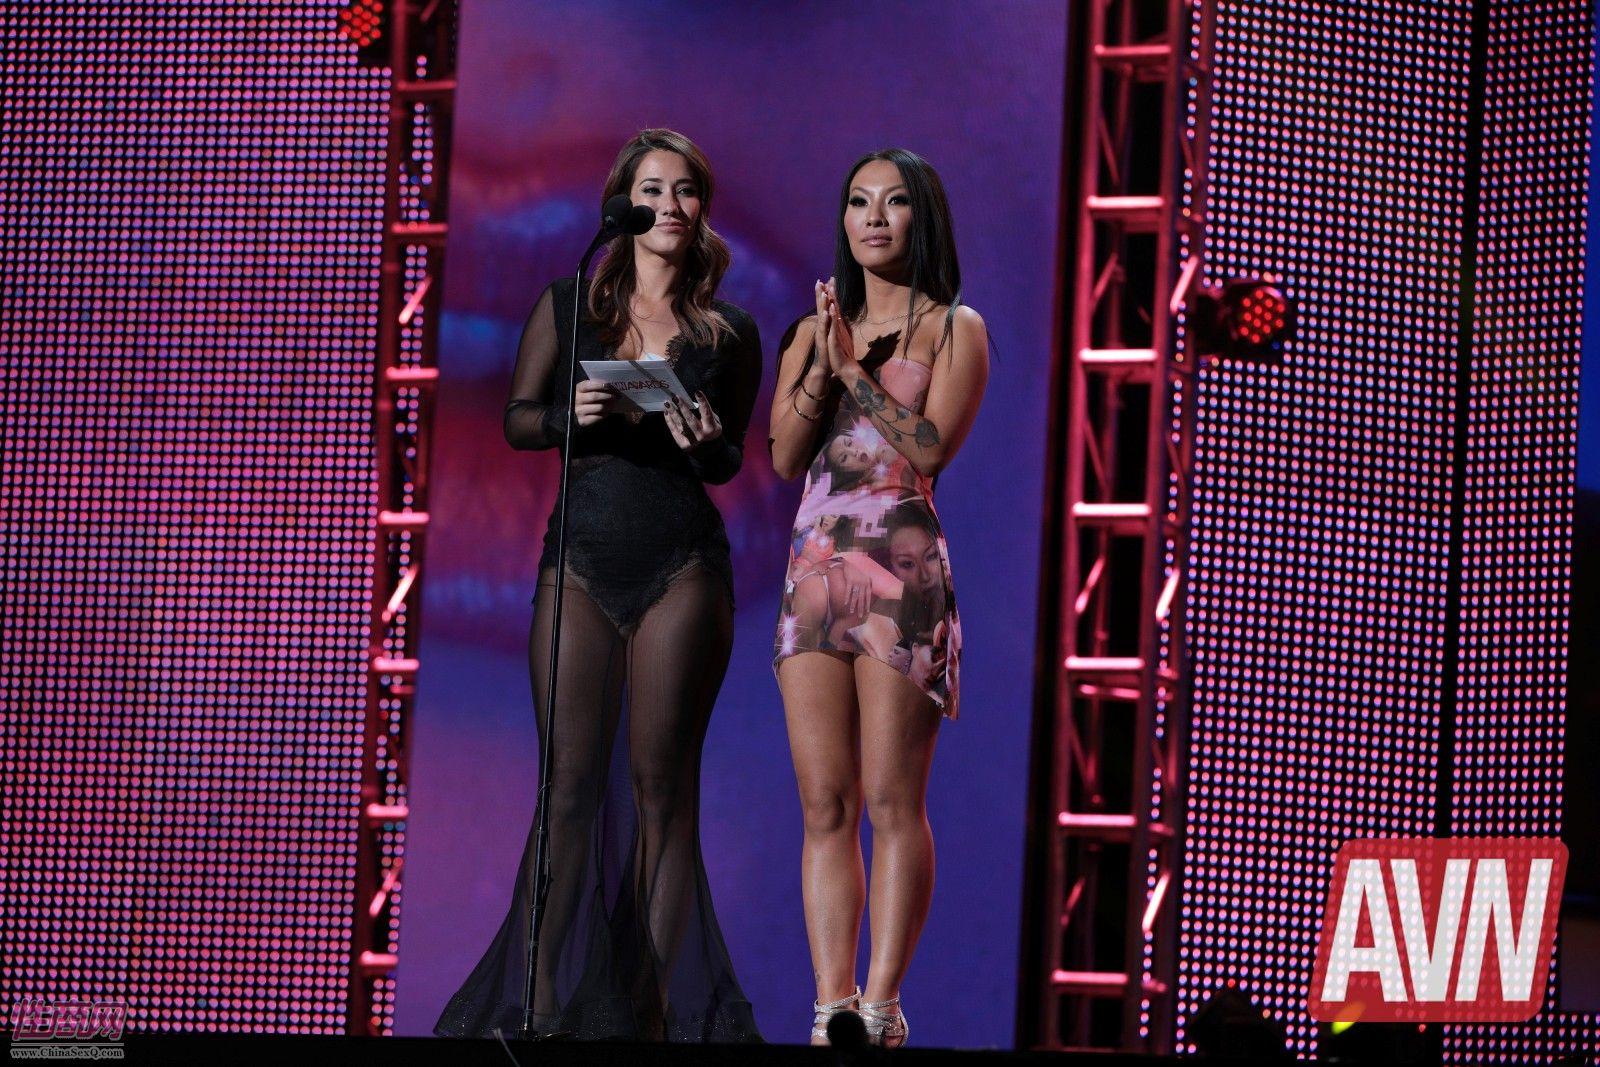 18拉斯维加斯成人展AVN:颁奖典礼 (22)